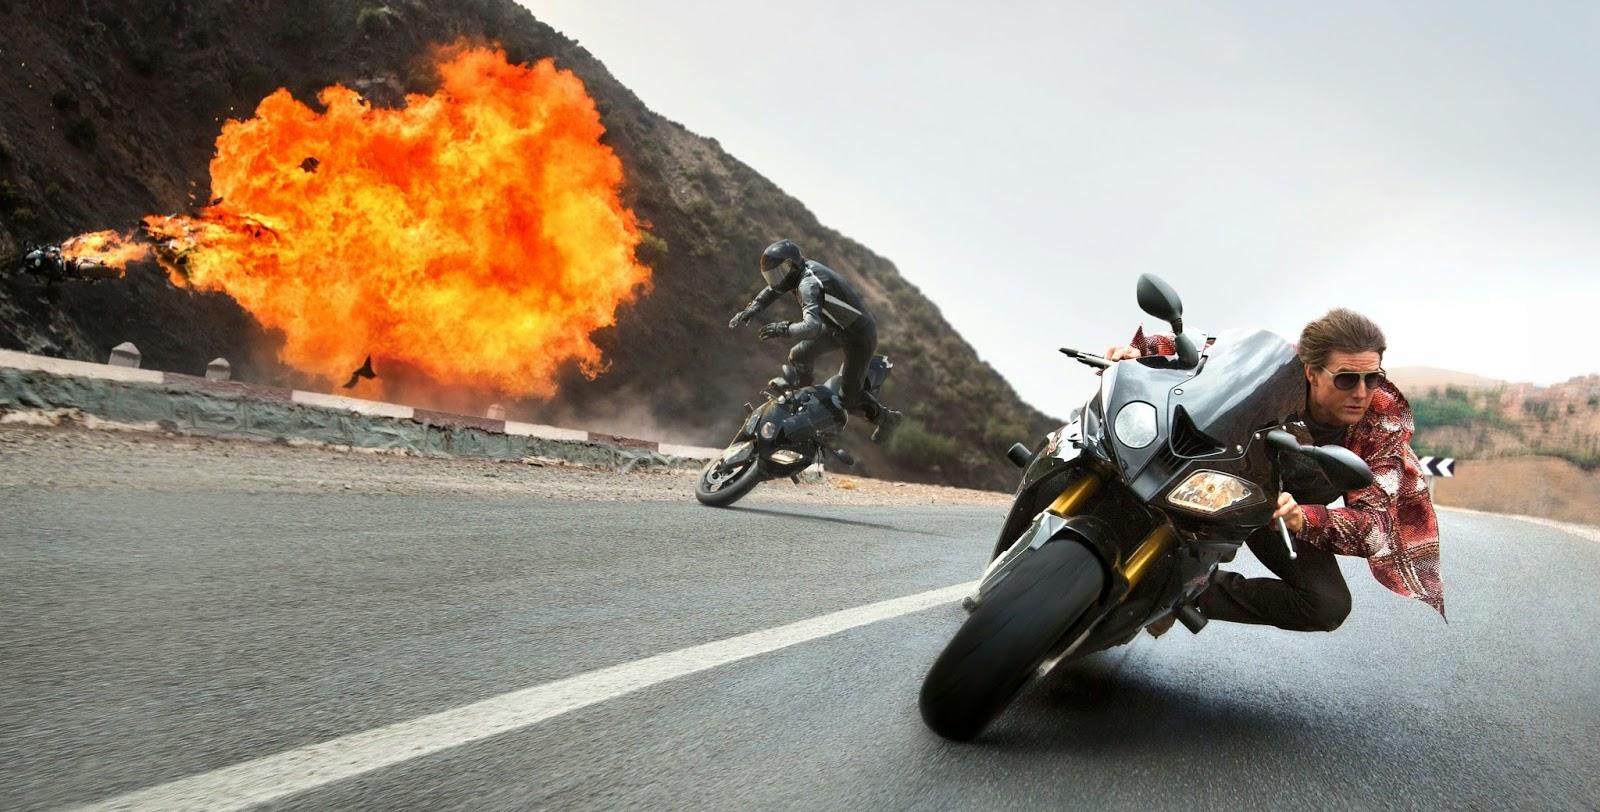 Veja o comercial estendido de Missão:Impossível - Nação Secreta, com Tom Cruise Simon Pegg